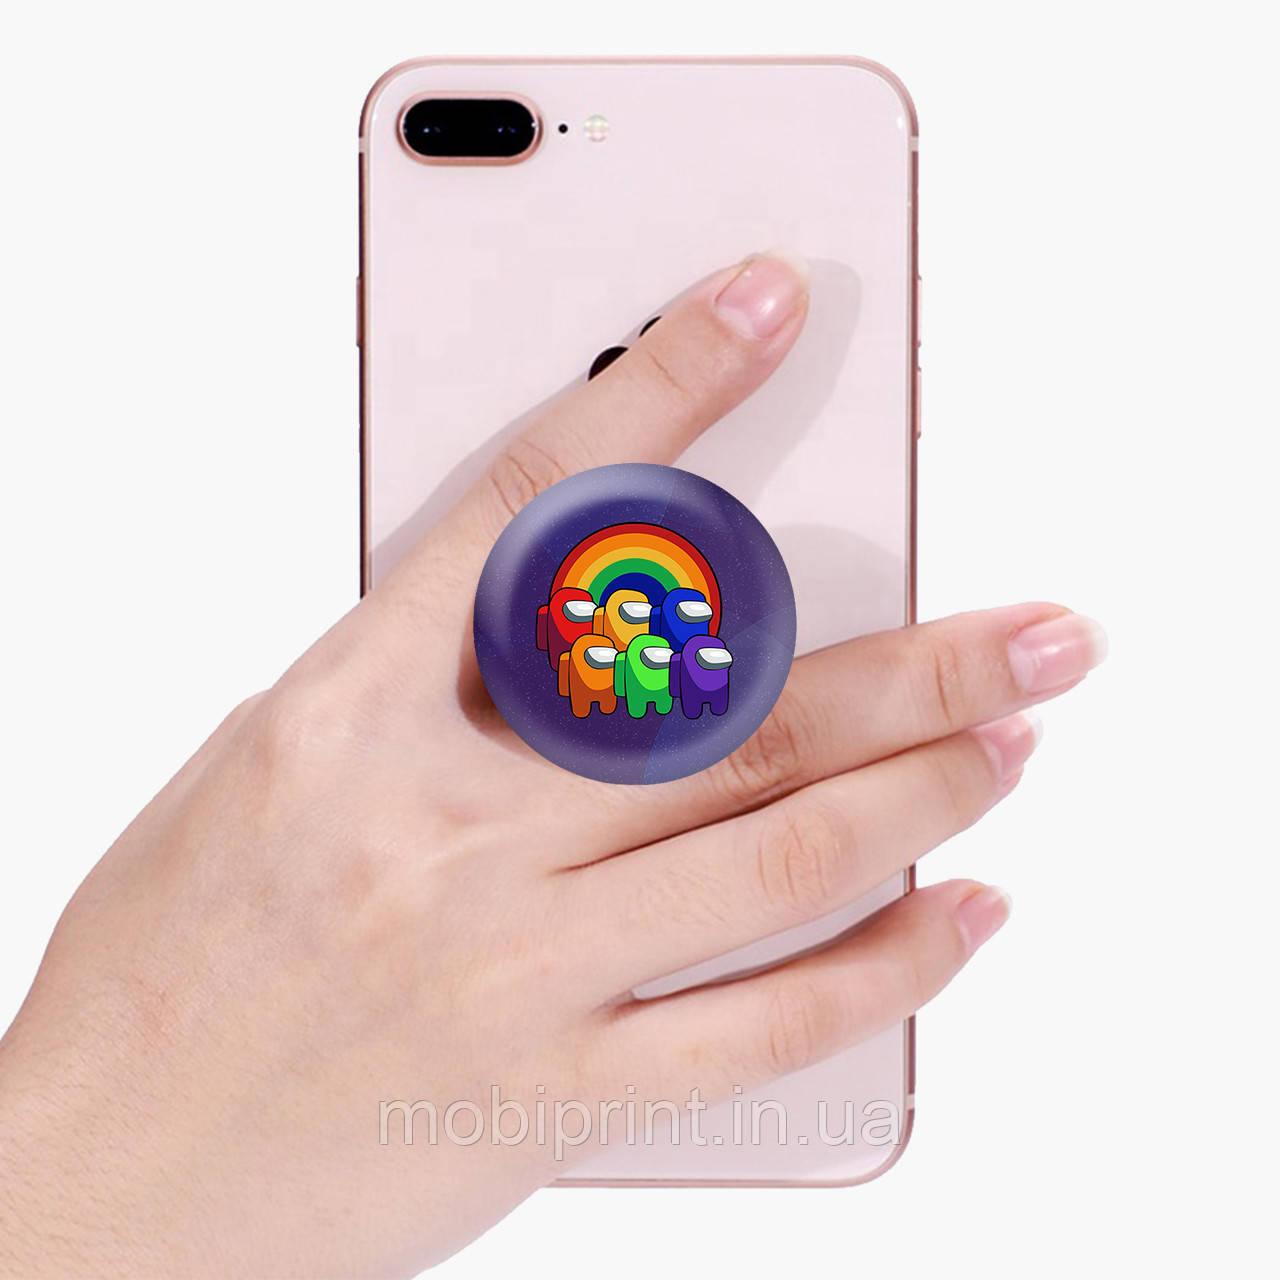 Попсокет (Popsockets) держатель для смартфона Амонг Ас (Among Us)  (8754-2595)